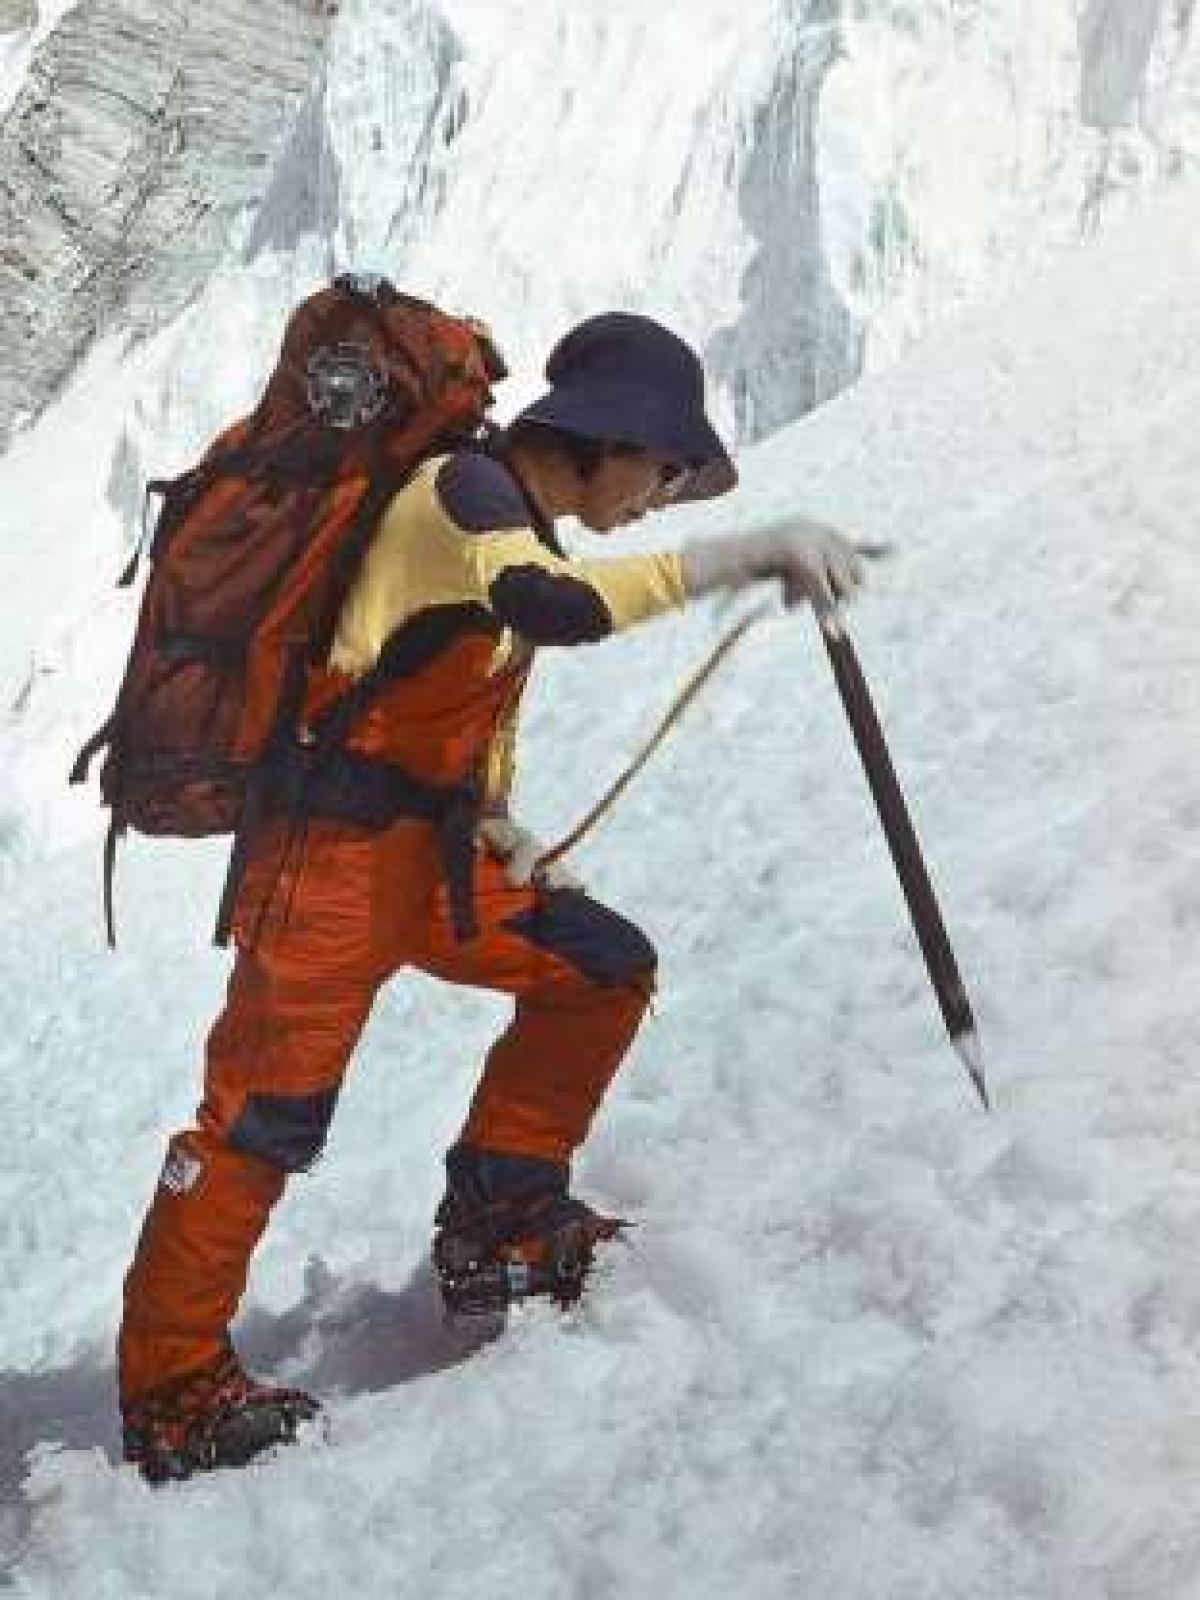 Nhà leo núi người Nhật Junko Tabei là người phụ nữ đầu tiên leo lên đỉnh Everest vào tháng 5/1975.